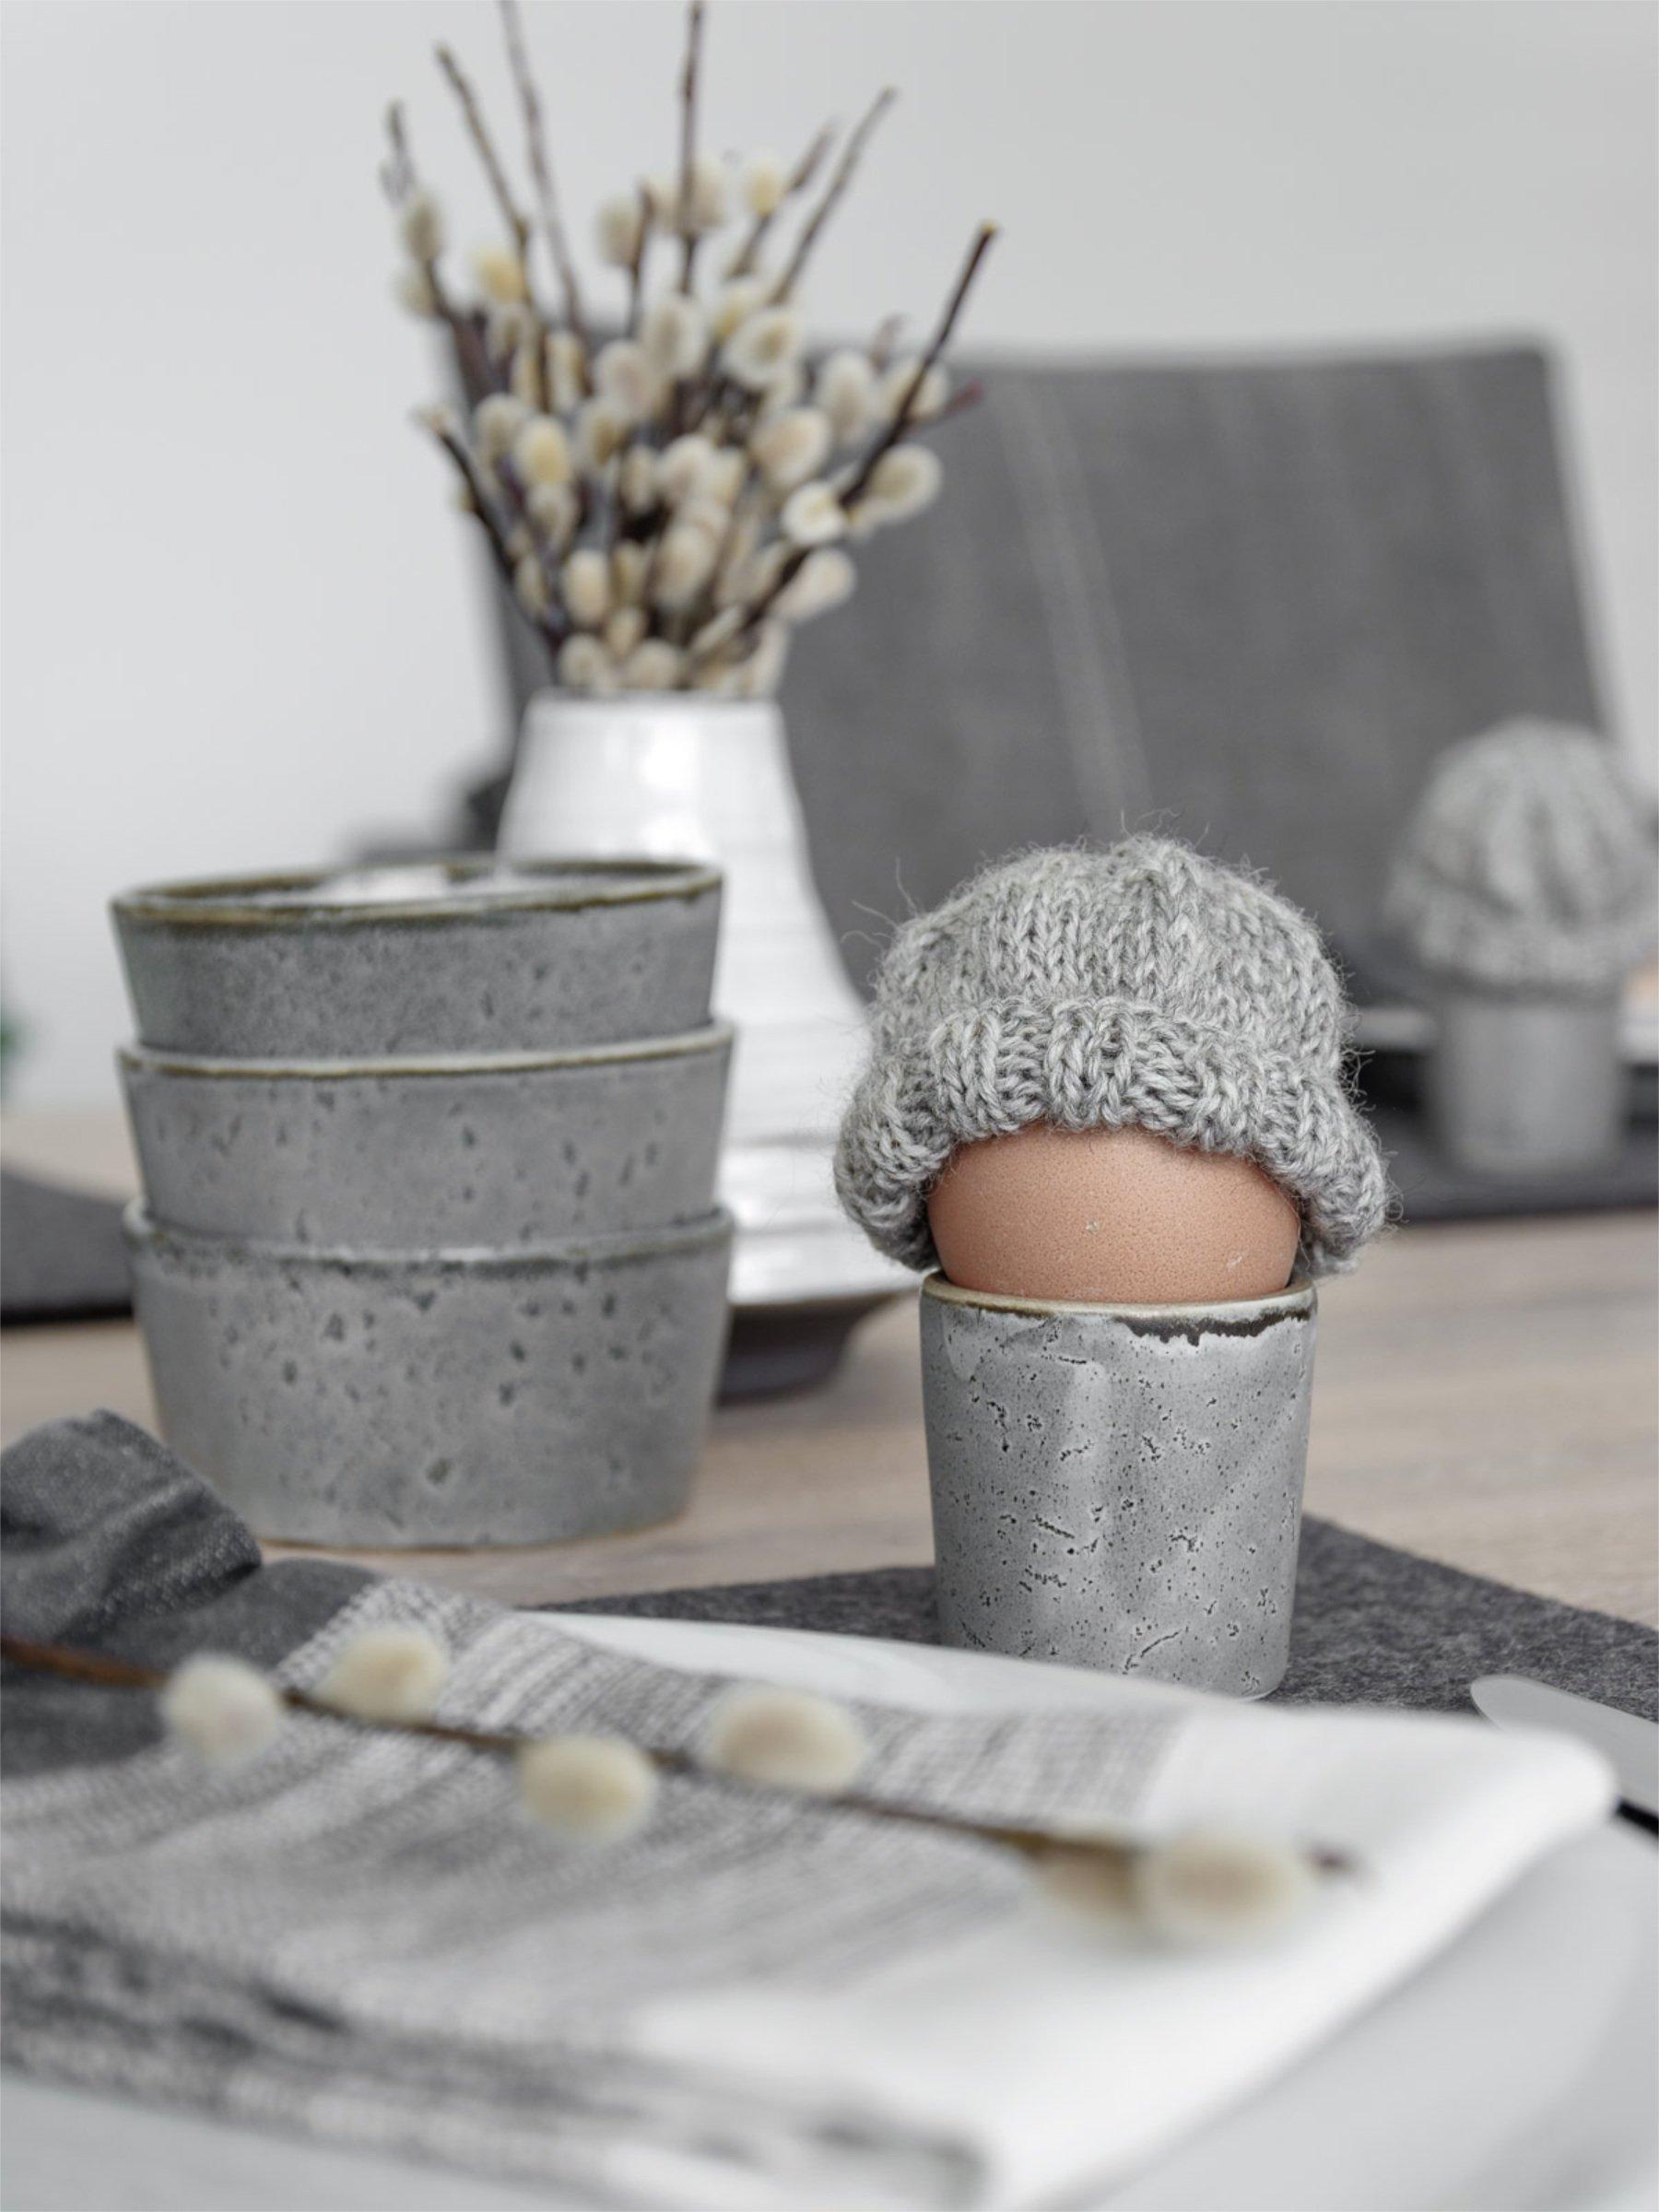 Easter DIY inspiration egg knitted hat